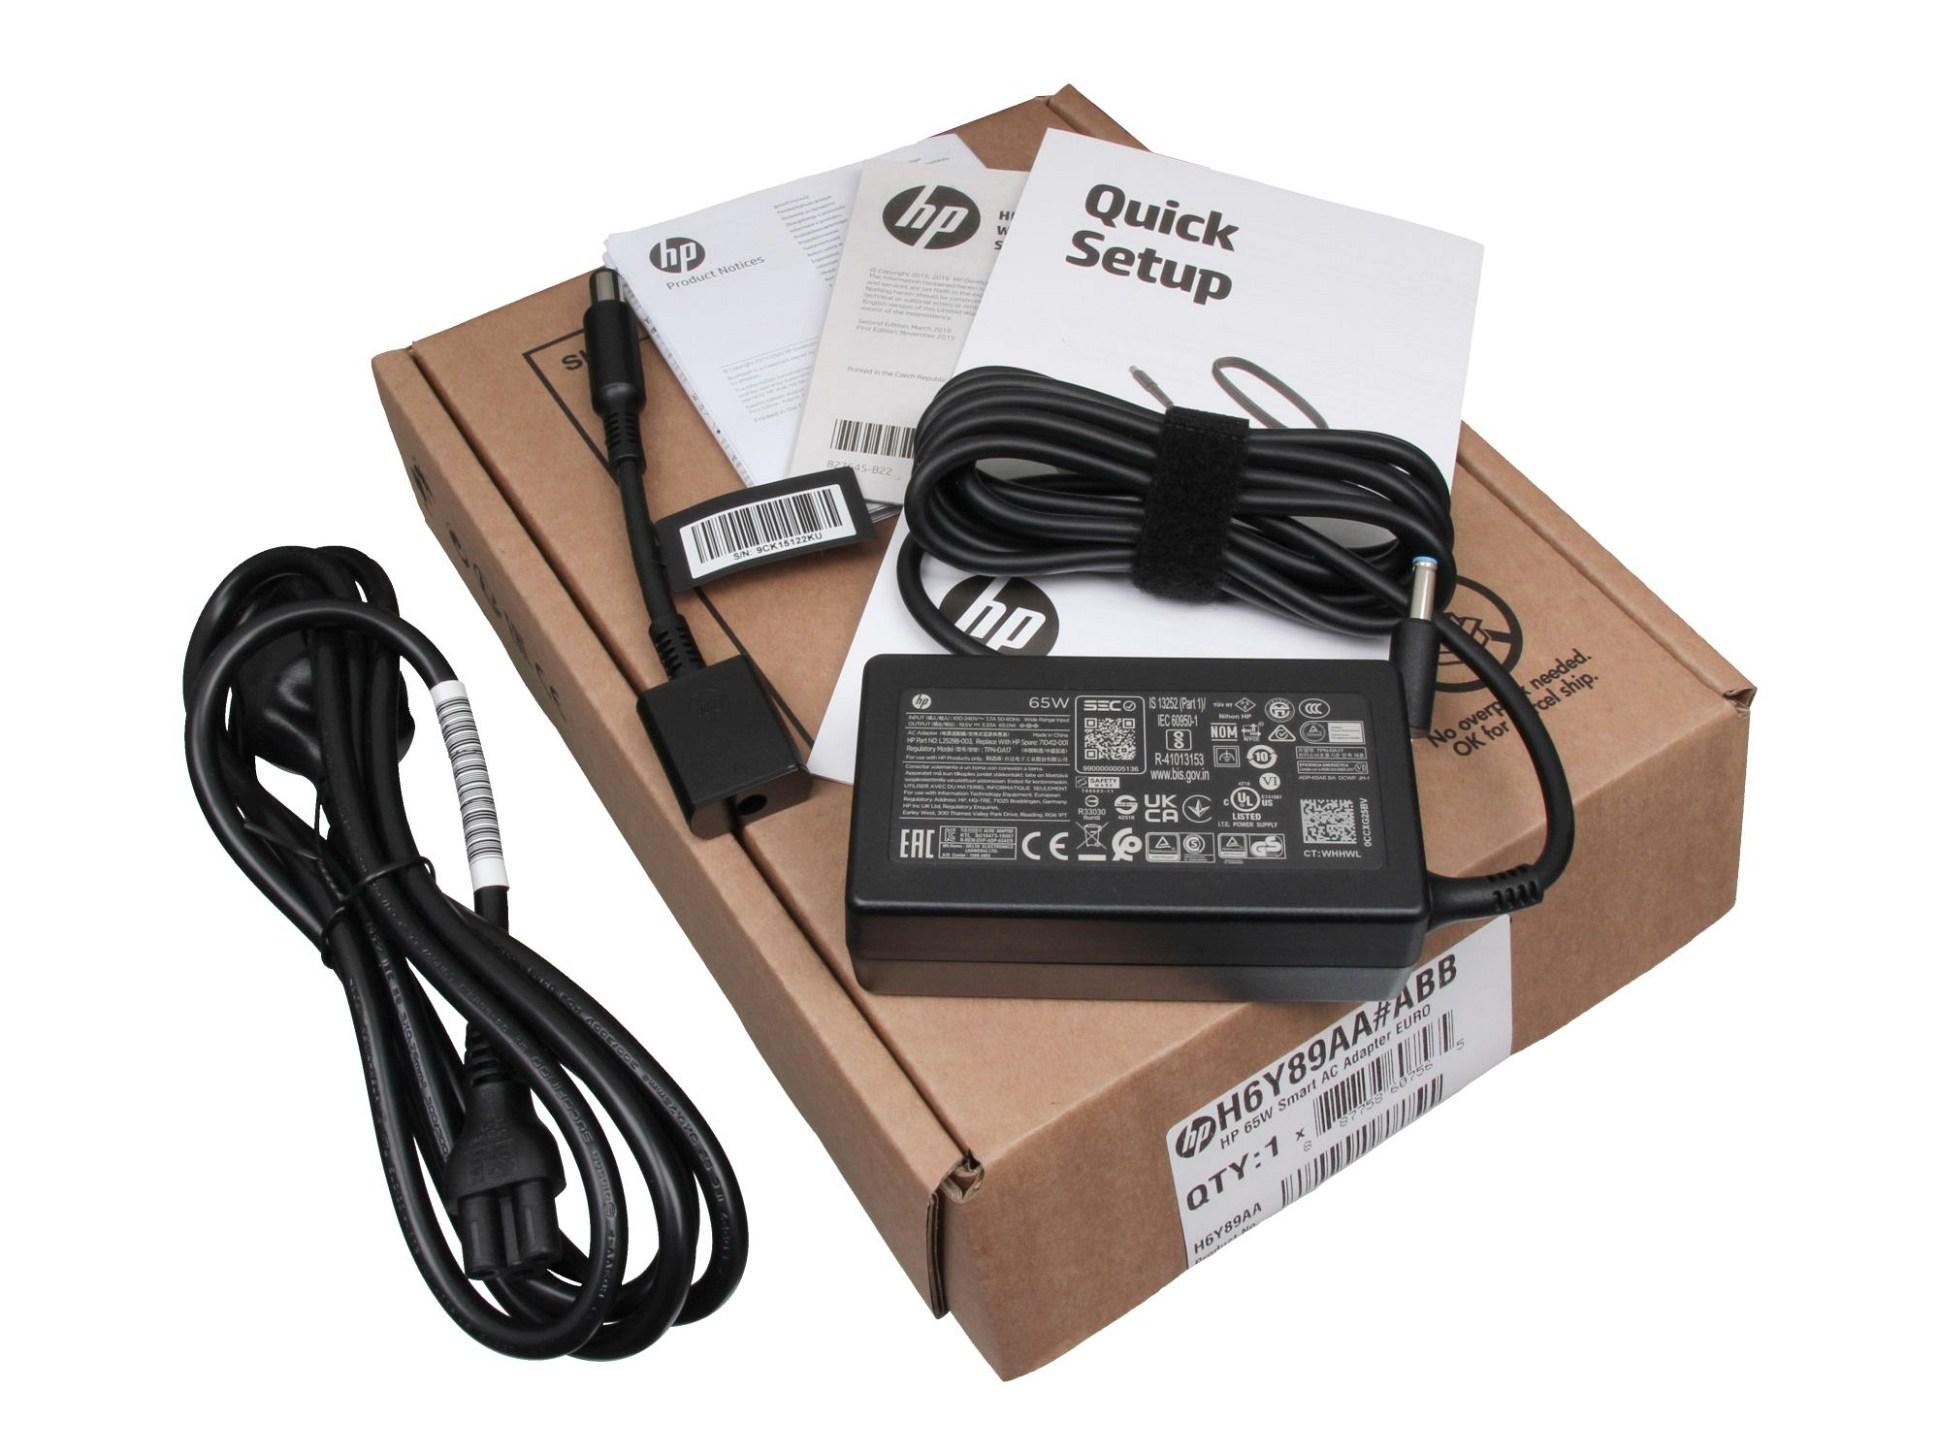 Netzteil HP Business Notebook NC6100